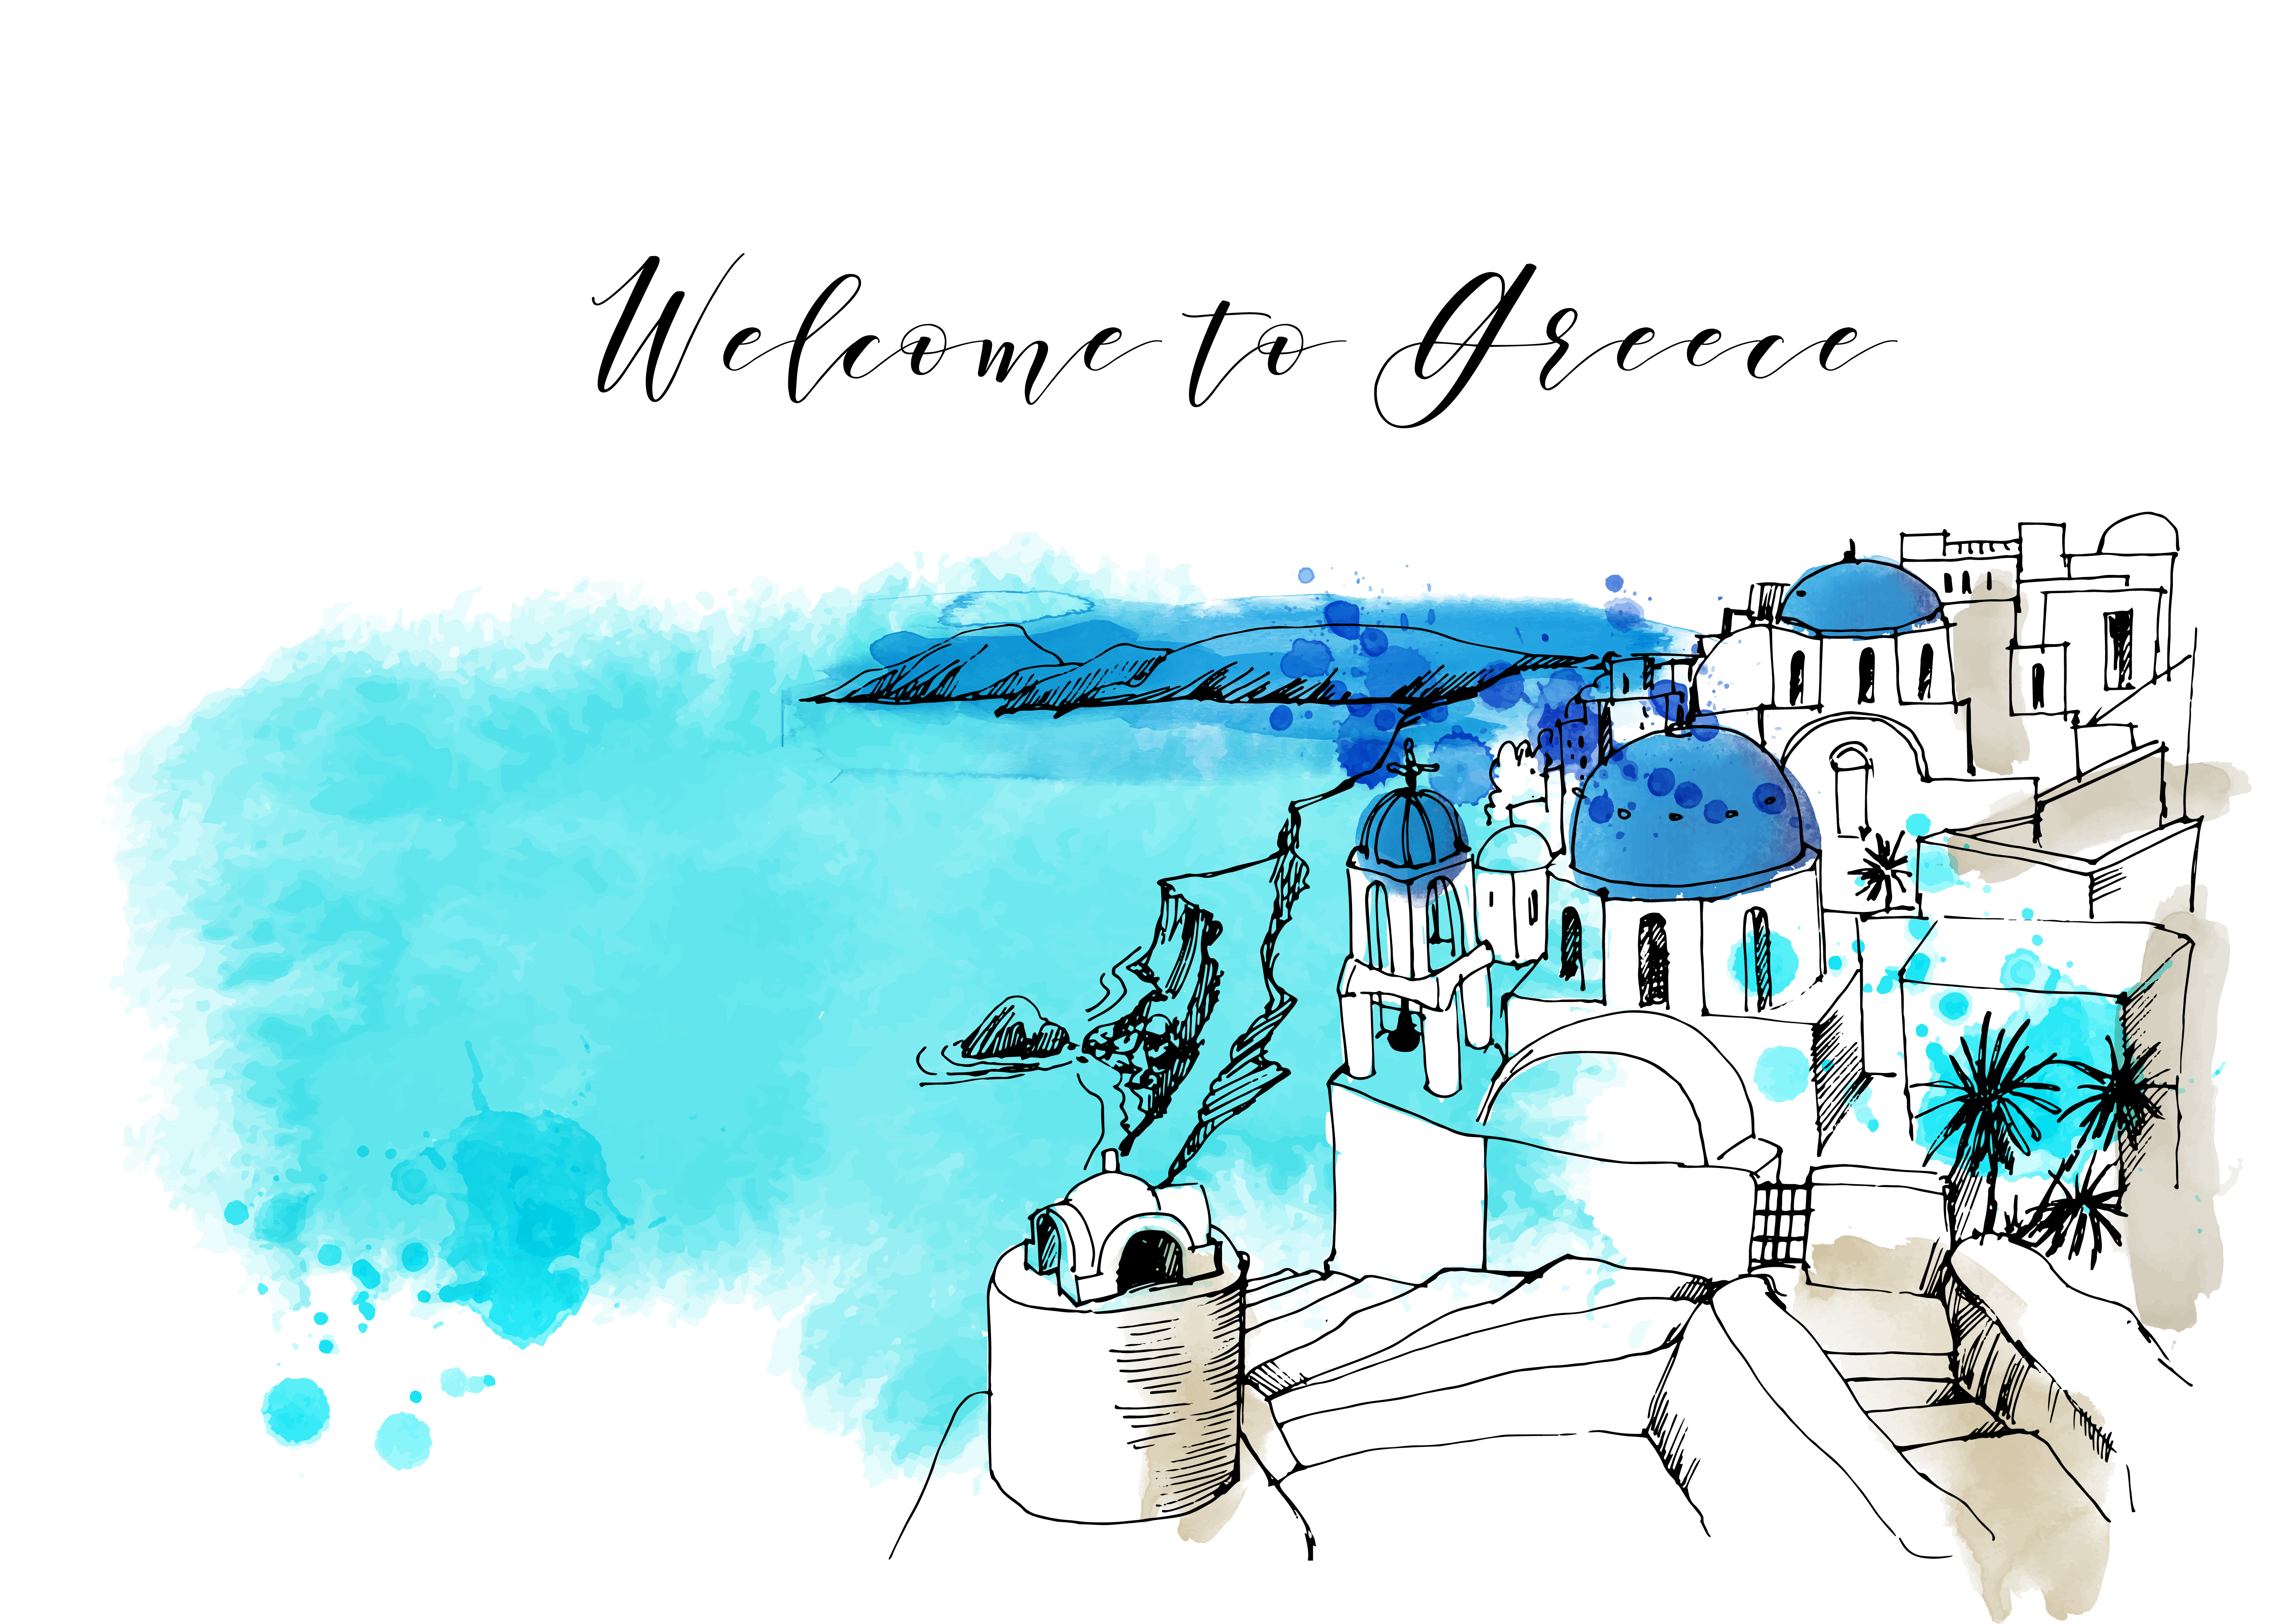 Придбати шубу в Греції